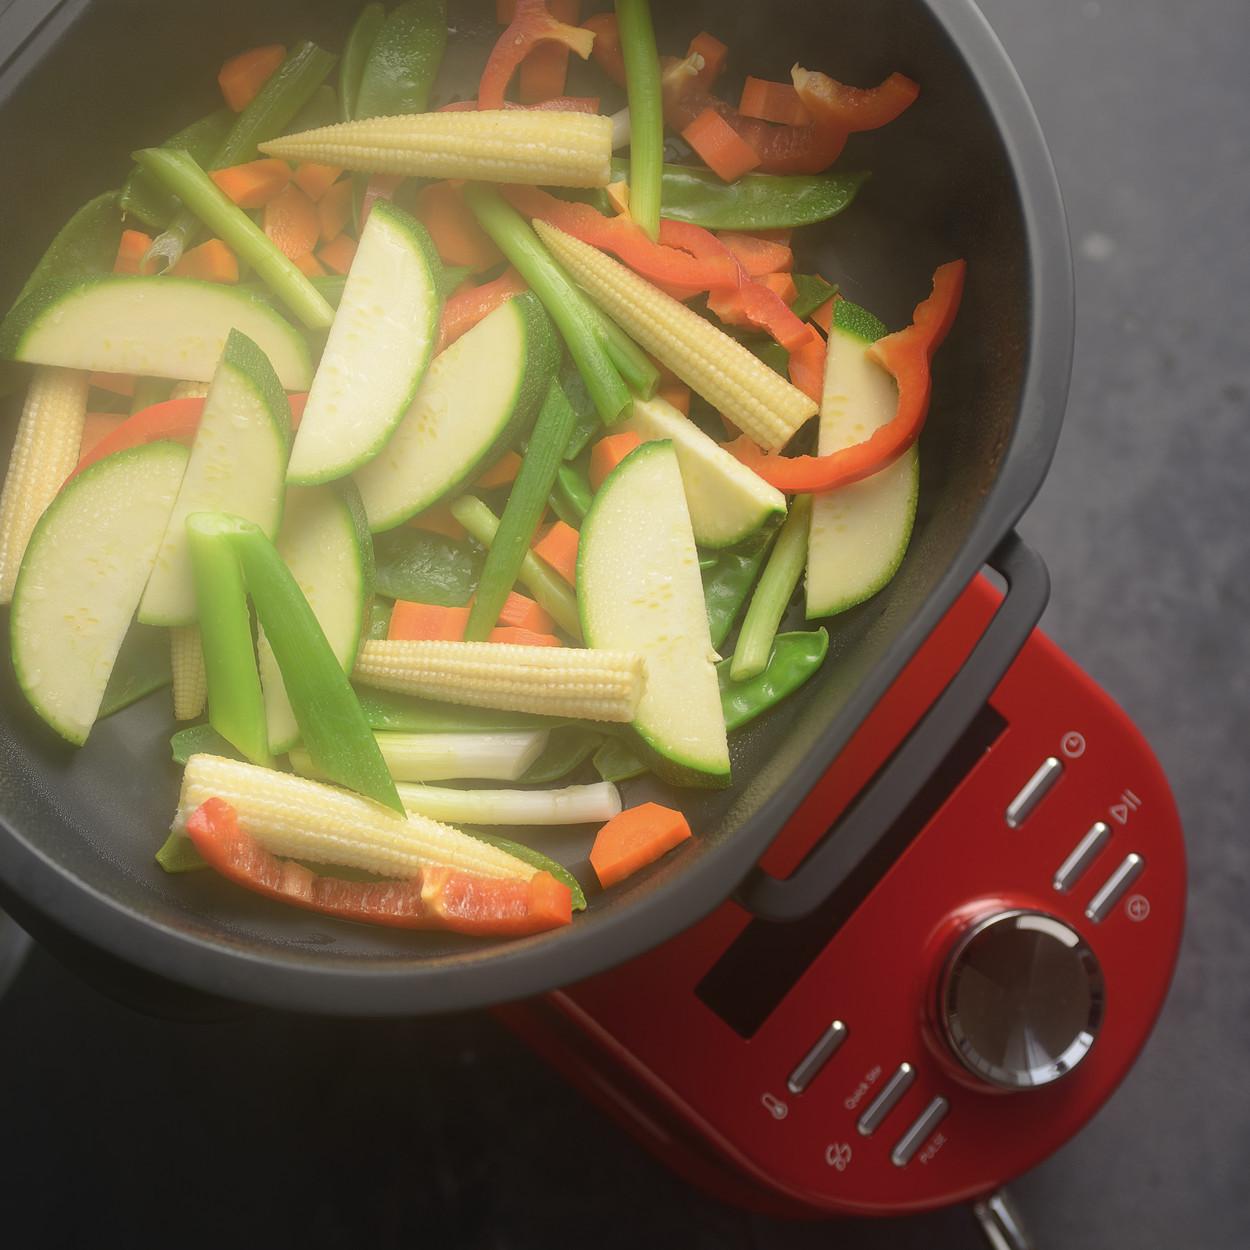 KitchenAid Artisan Cook Processor Gusseisen Schwarz Gemüse dünsten